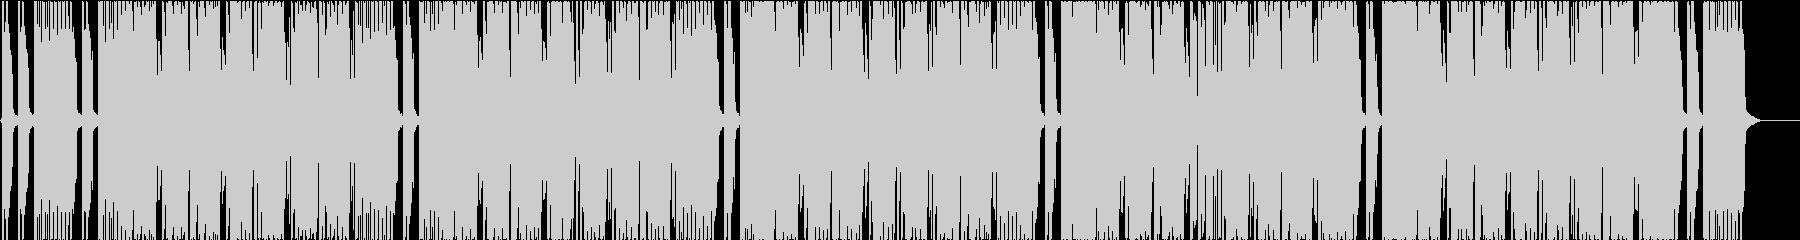 エネルギッシュ、パワフル、トラップの未再生の波形